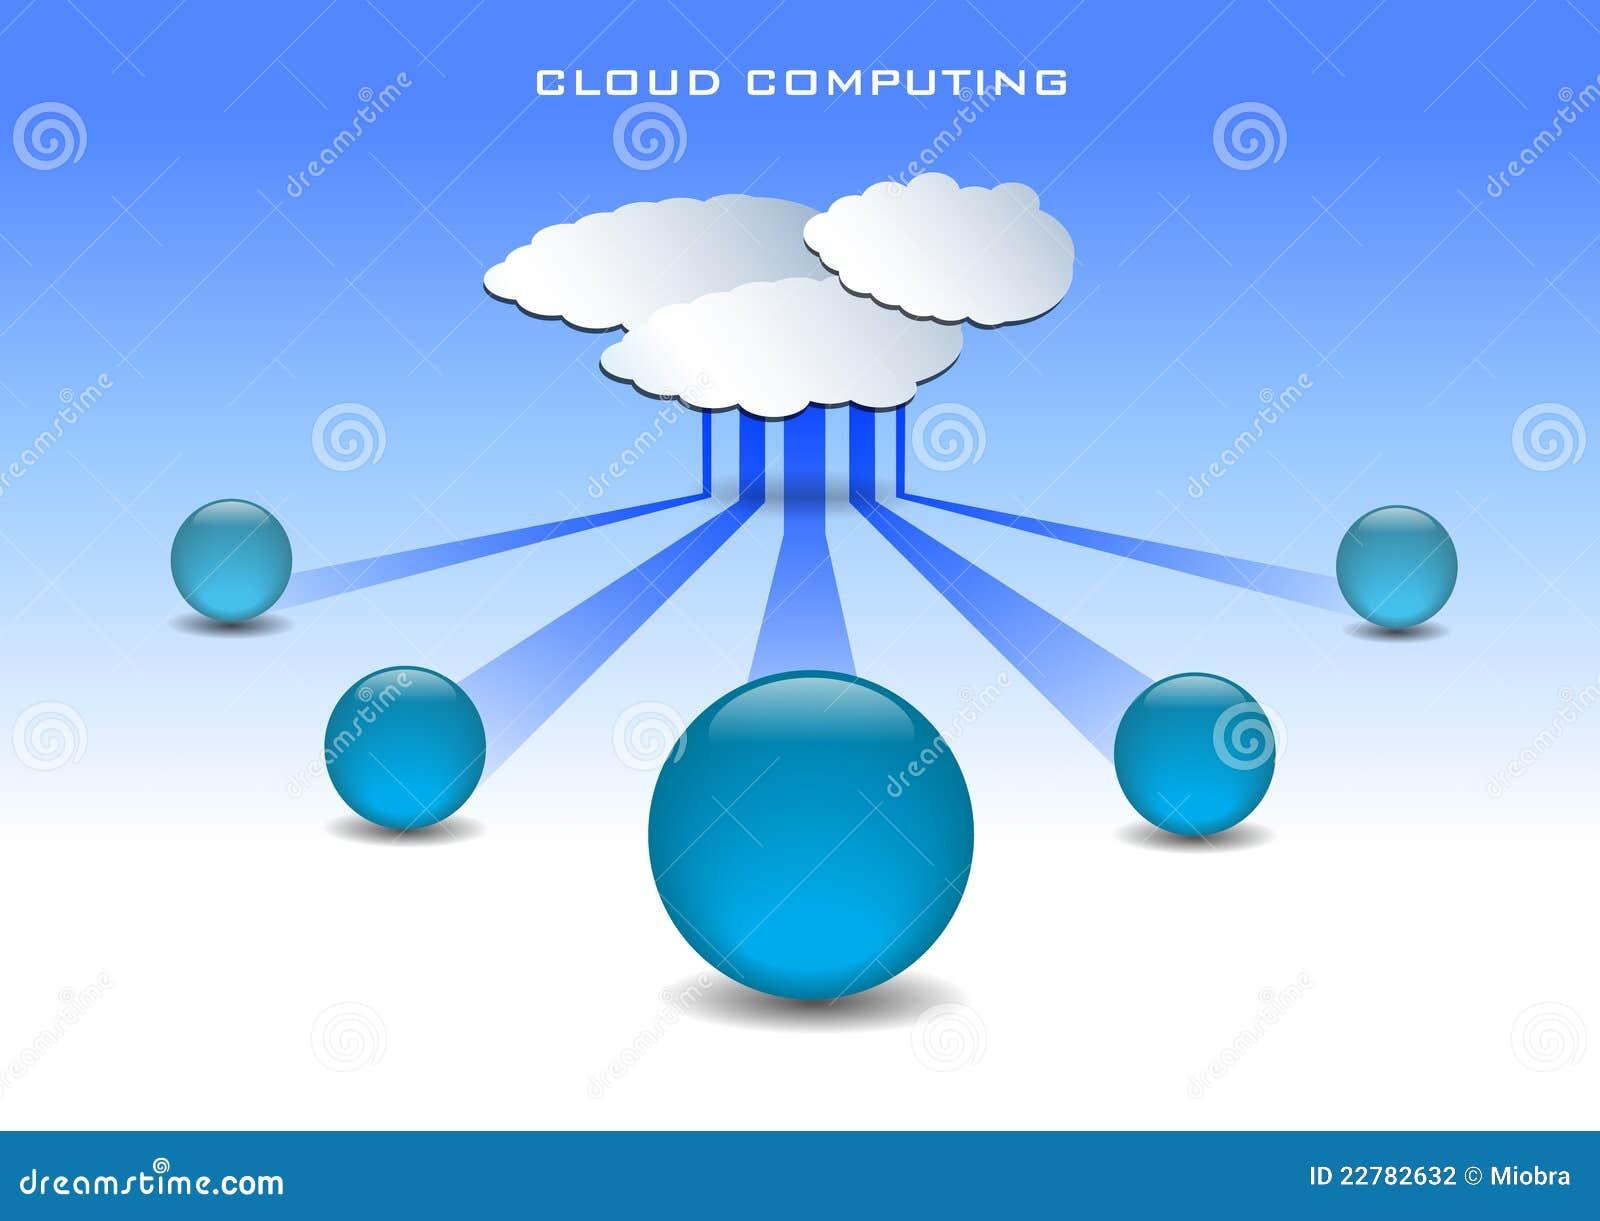 Ilustración computacional de la nube